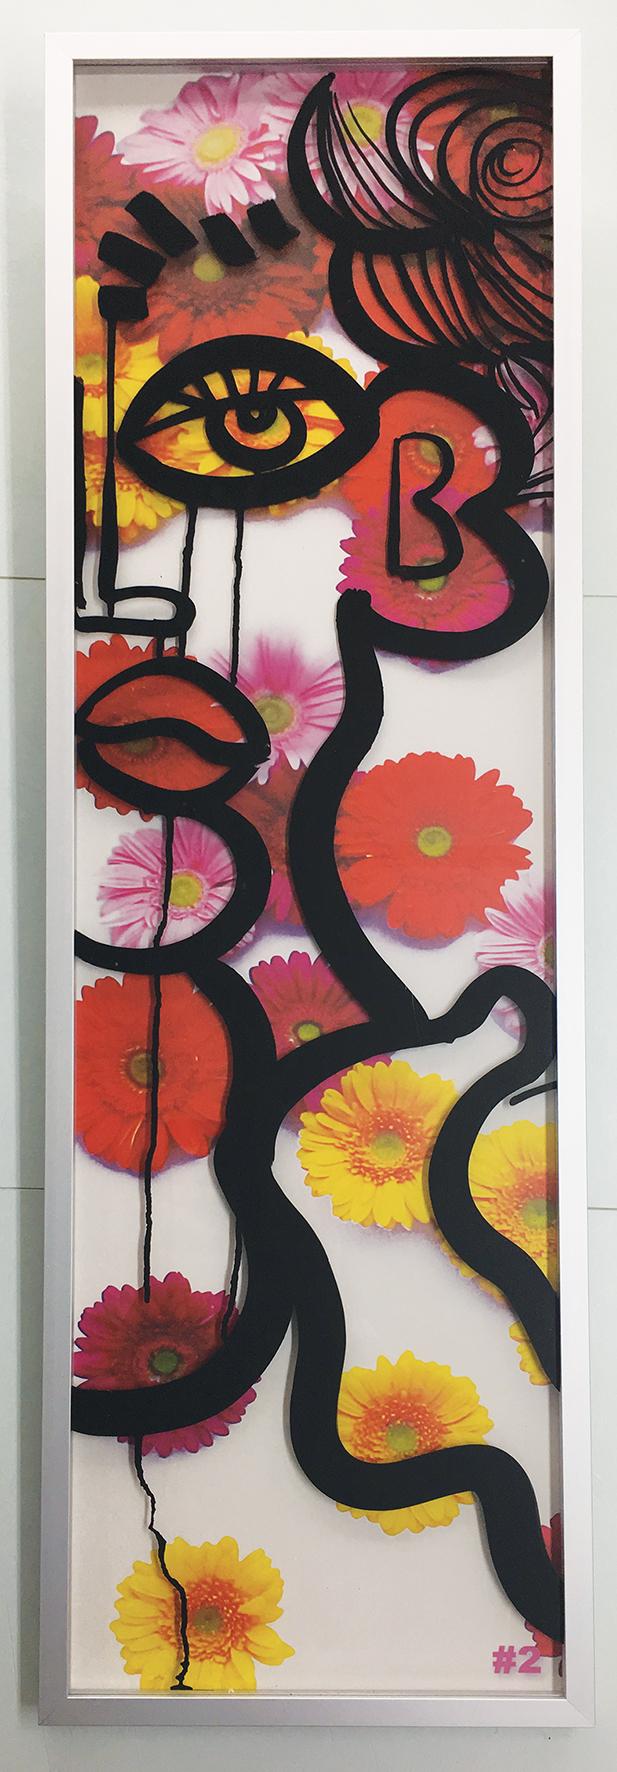 Fresque anaystof 2